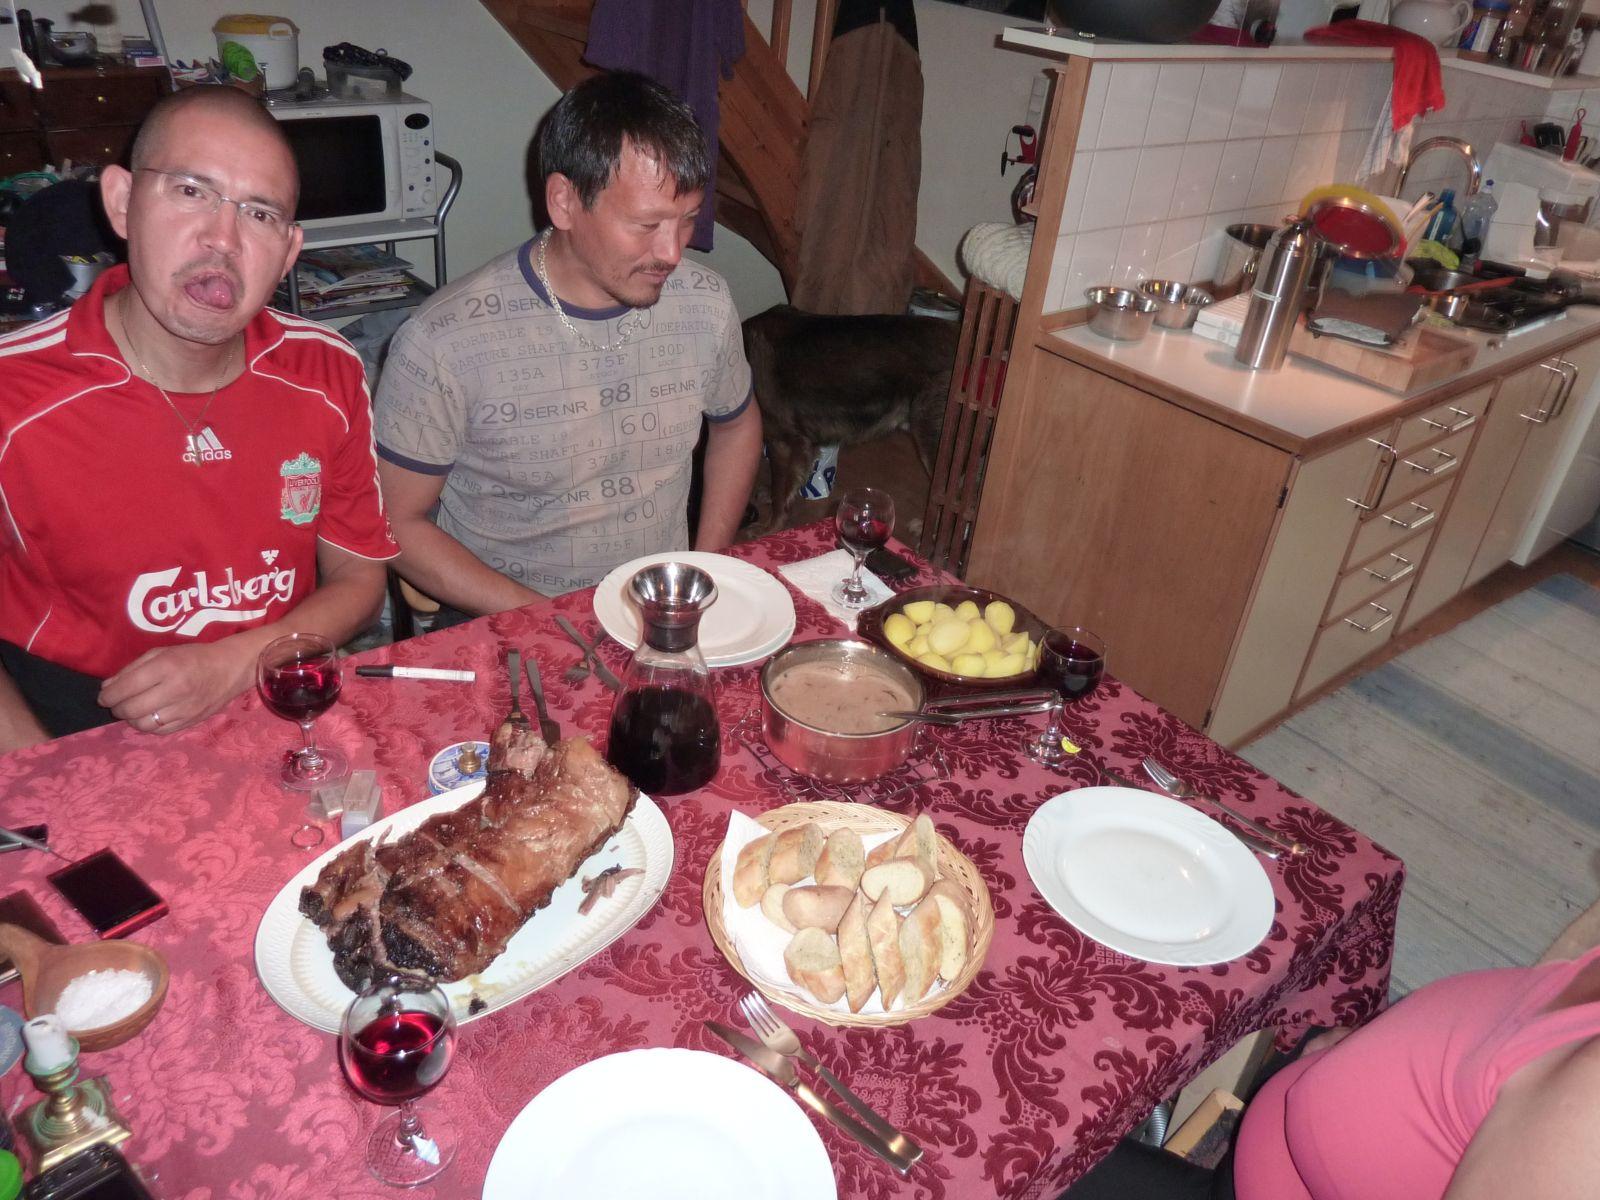 2010-09-11-1913_-_Georg Mikkelsen Lennert; Mad; Palle Hjort Sandgreen; Palle Sandgreen